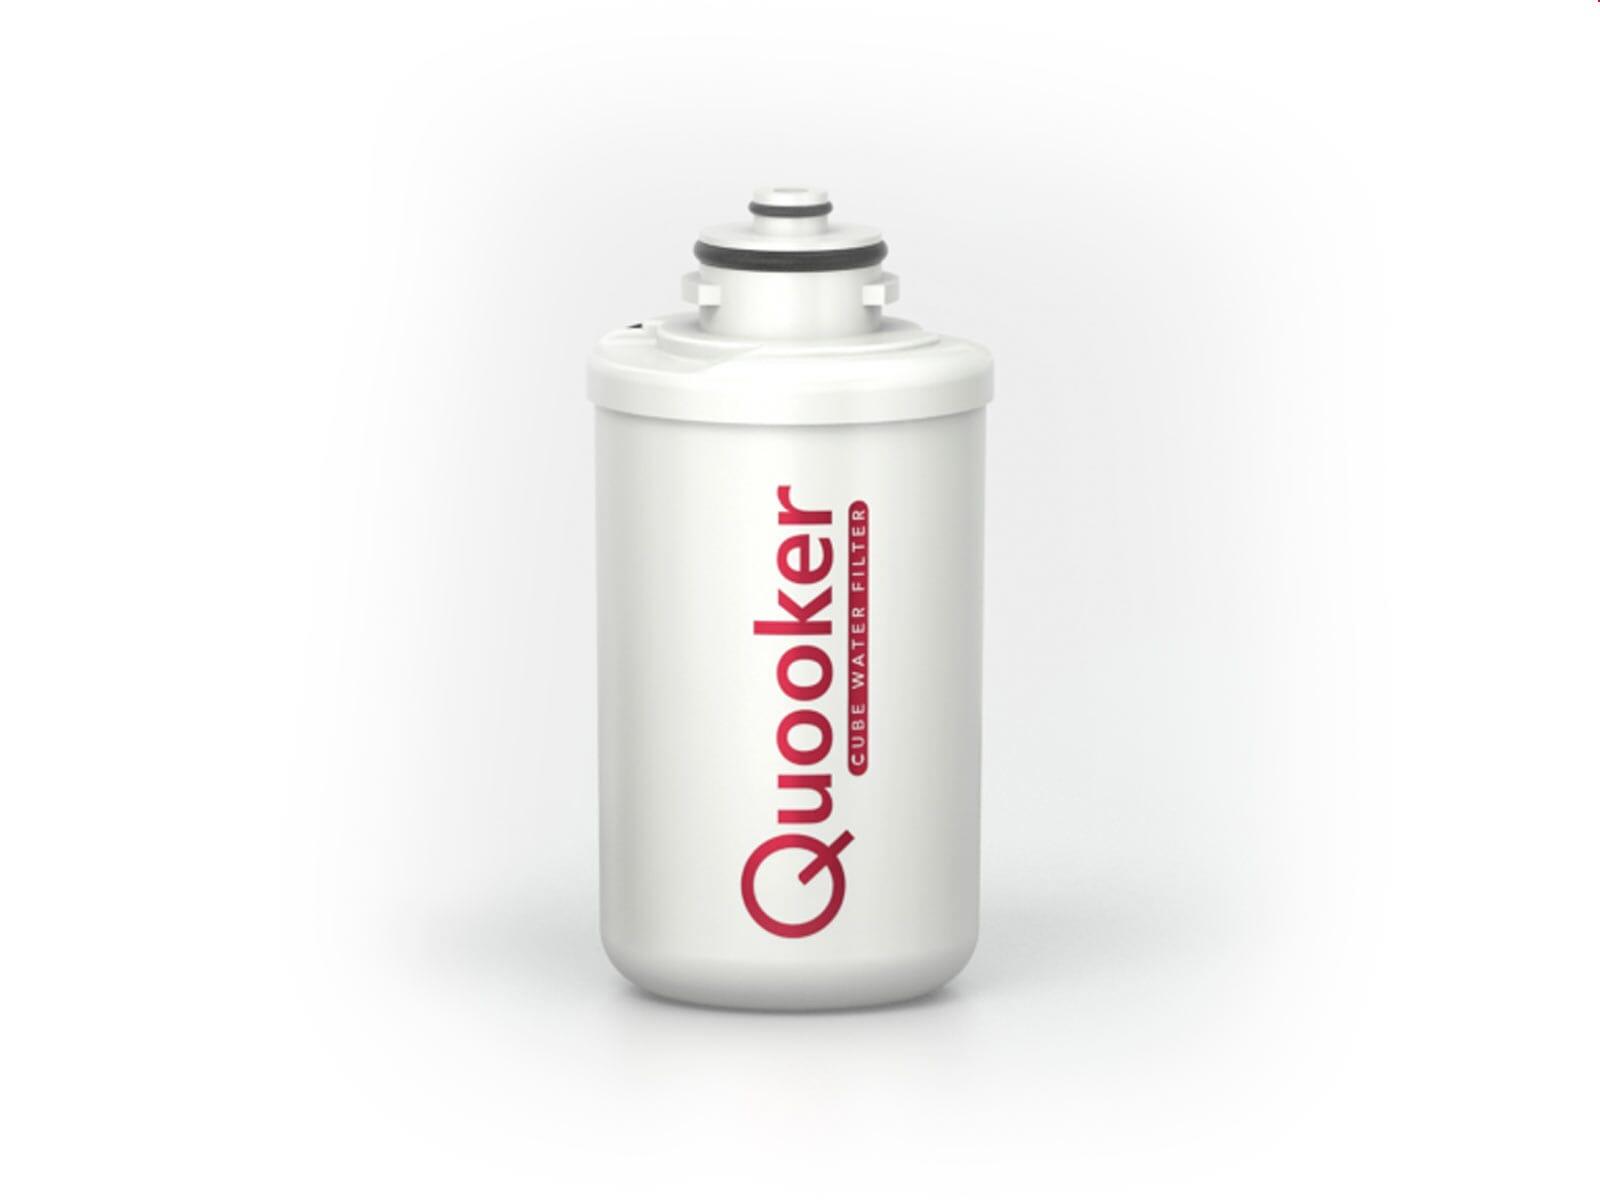 Quooker CUBEFIL Wasserfilter